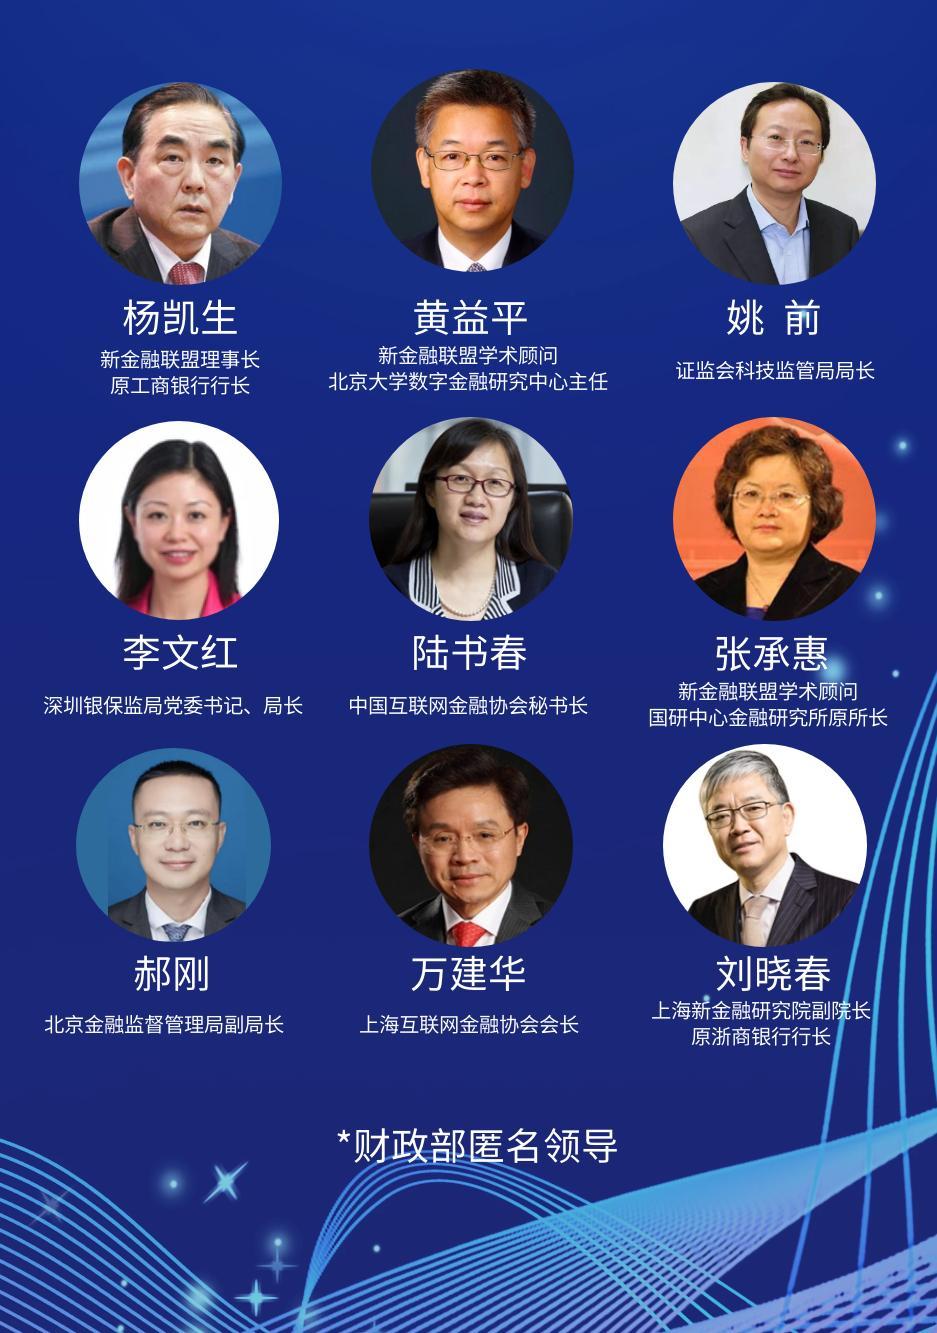 第五届融城杯金融科技创新案例评选评委名单